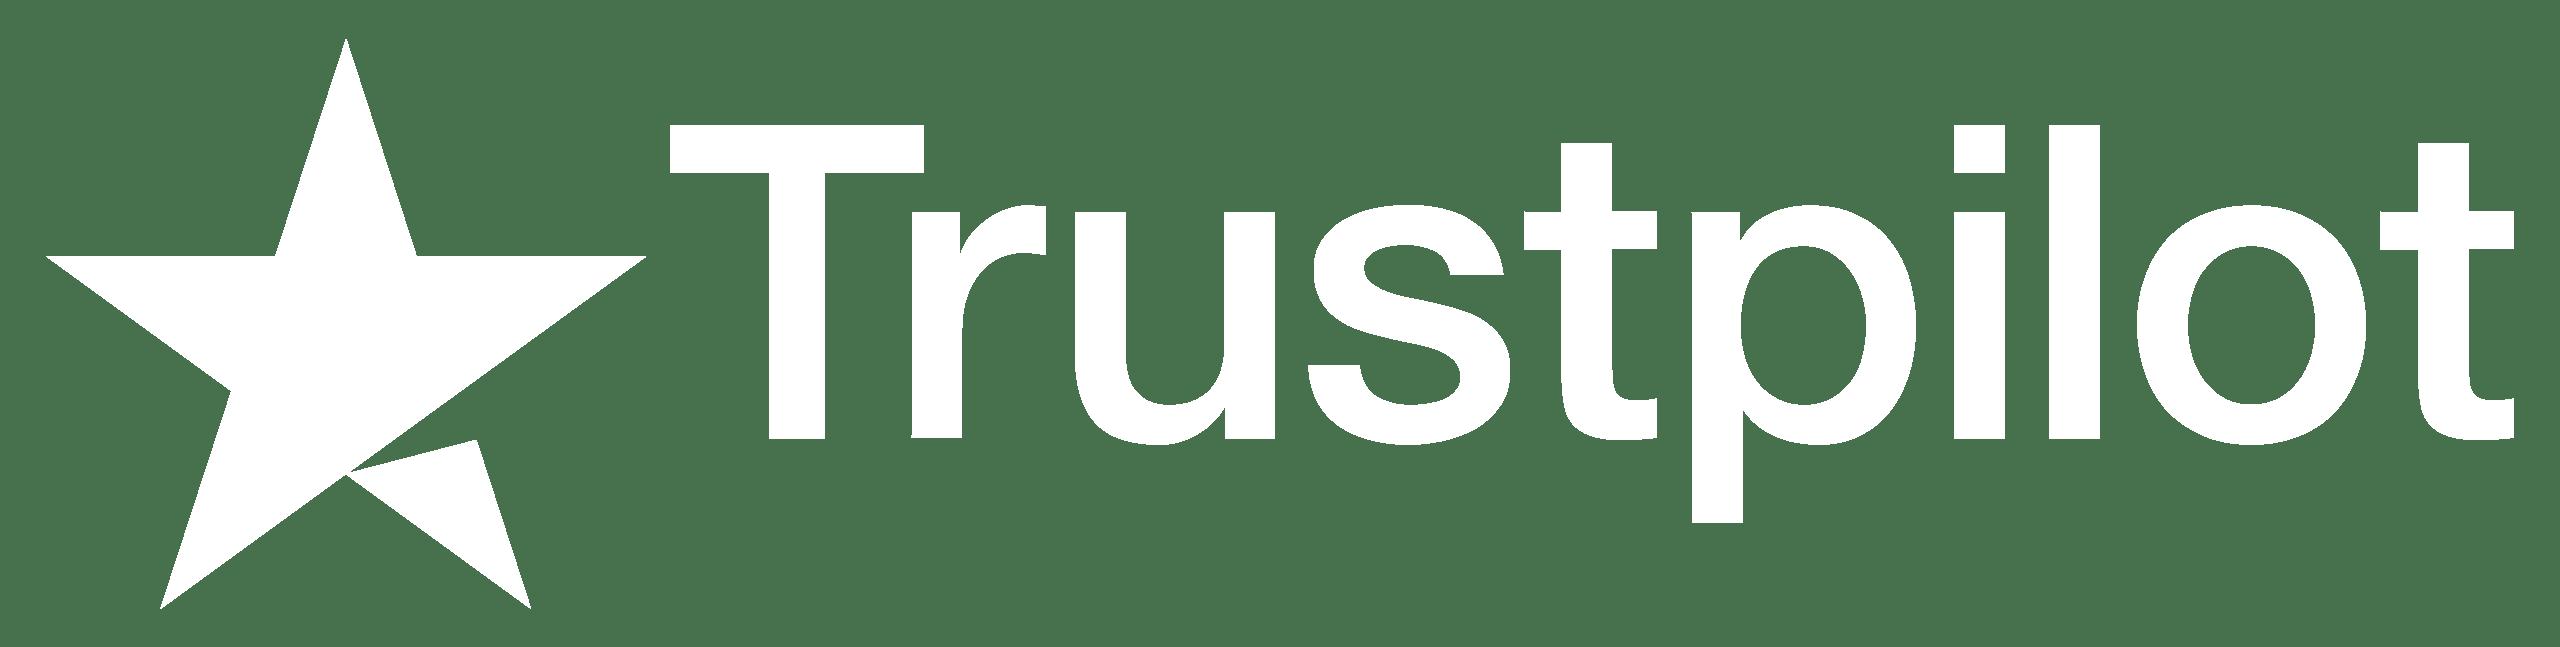 Abstract Logo, Health & Care, Conceptual